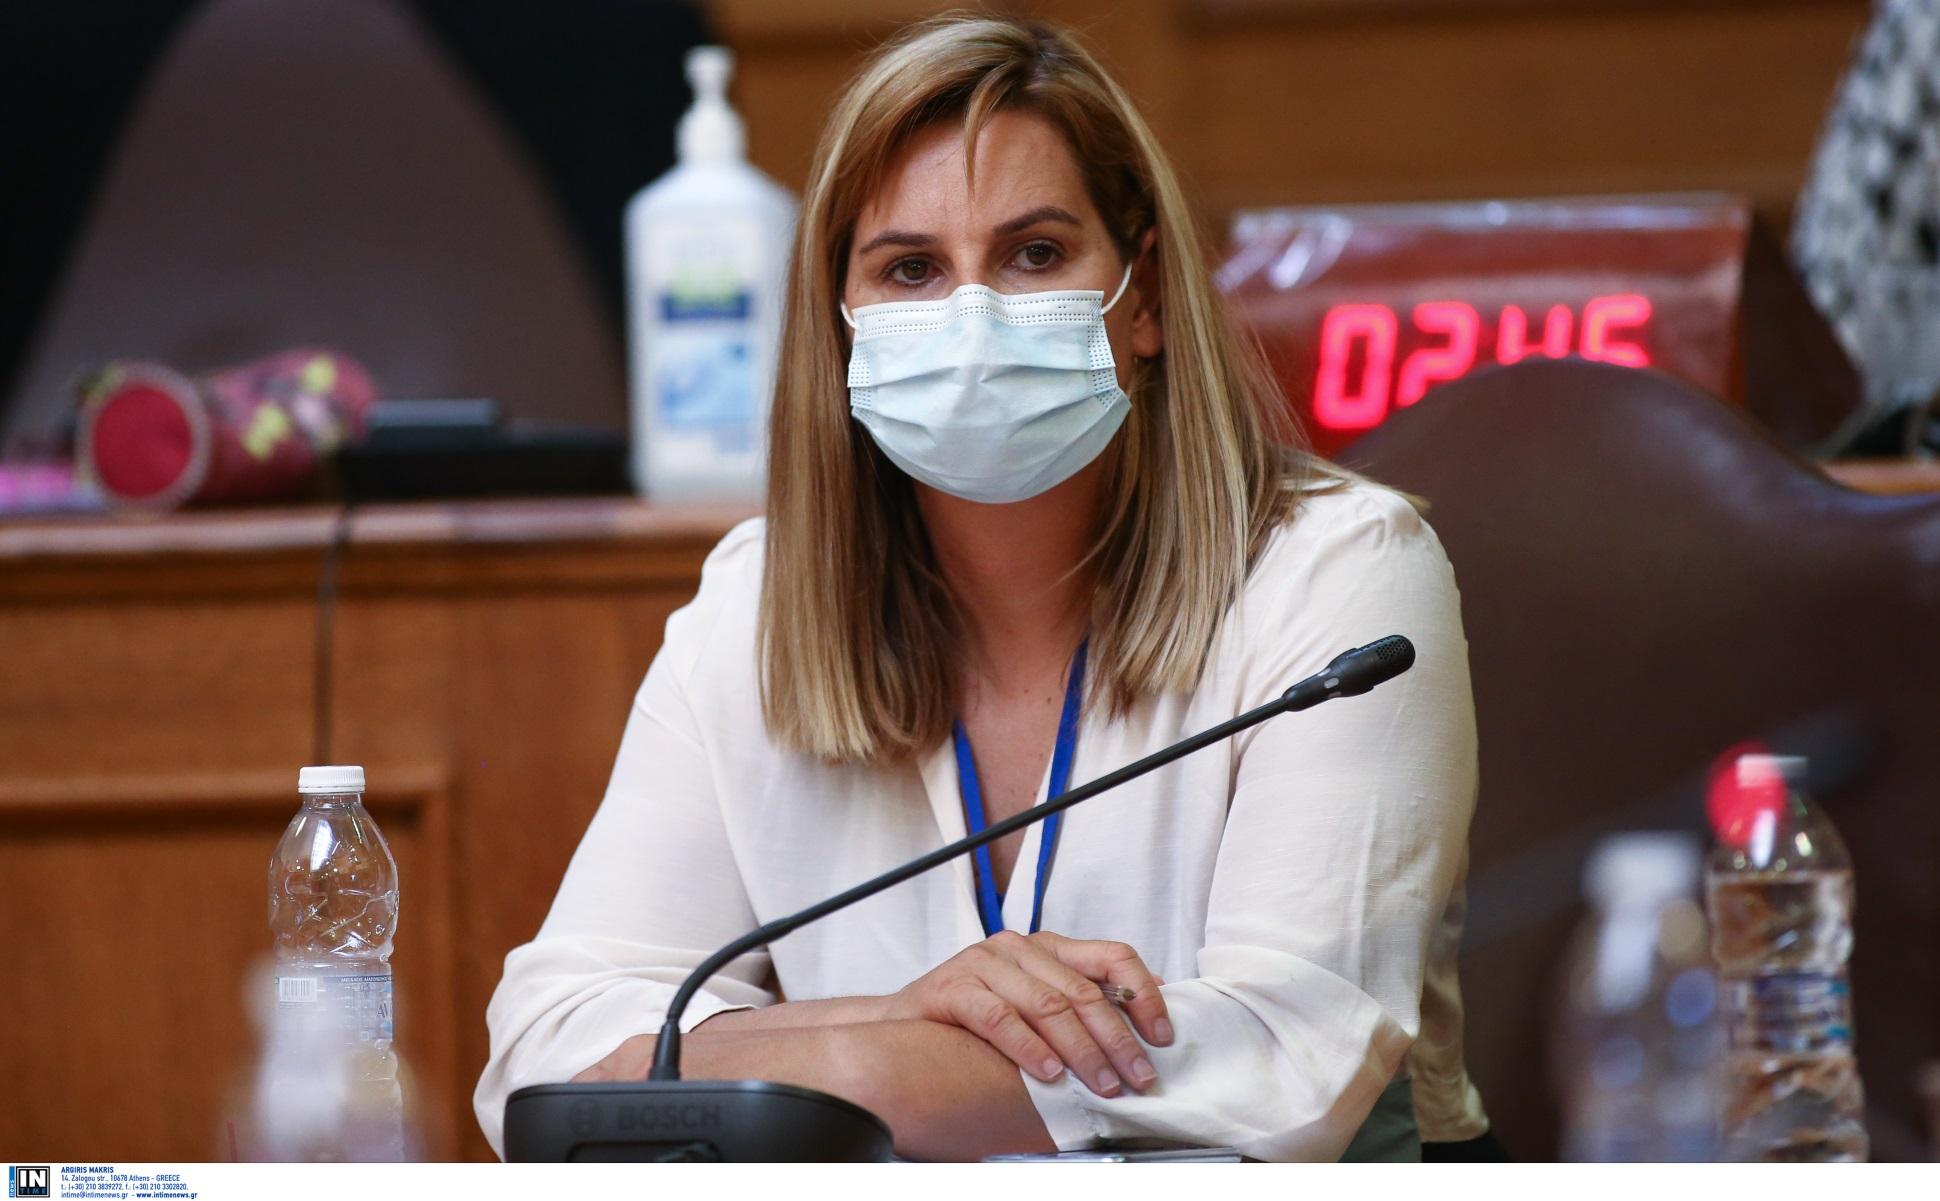 Σοφία Μπεκατώρου στη Βουλή για τα περιστατικά σεξουαλικής κακοποίησης στον αθλητισμό